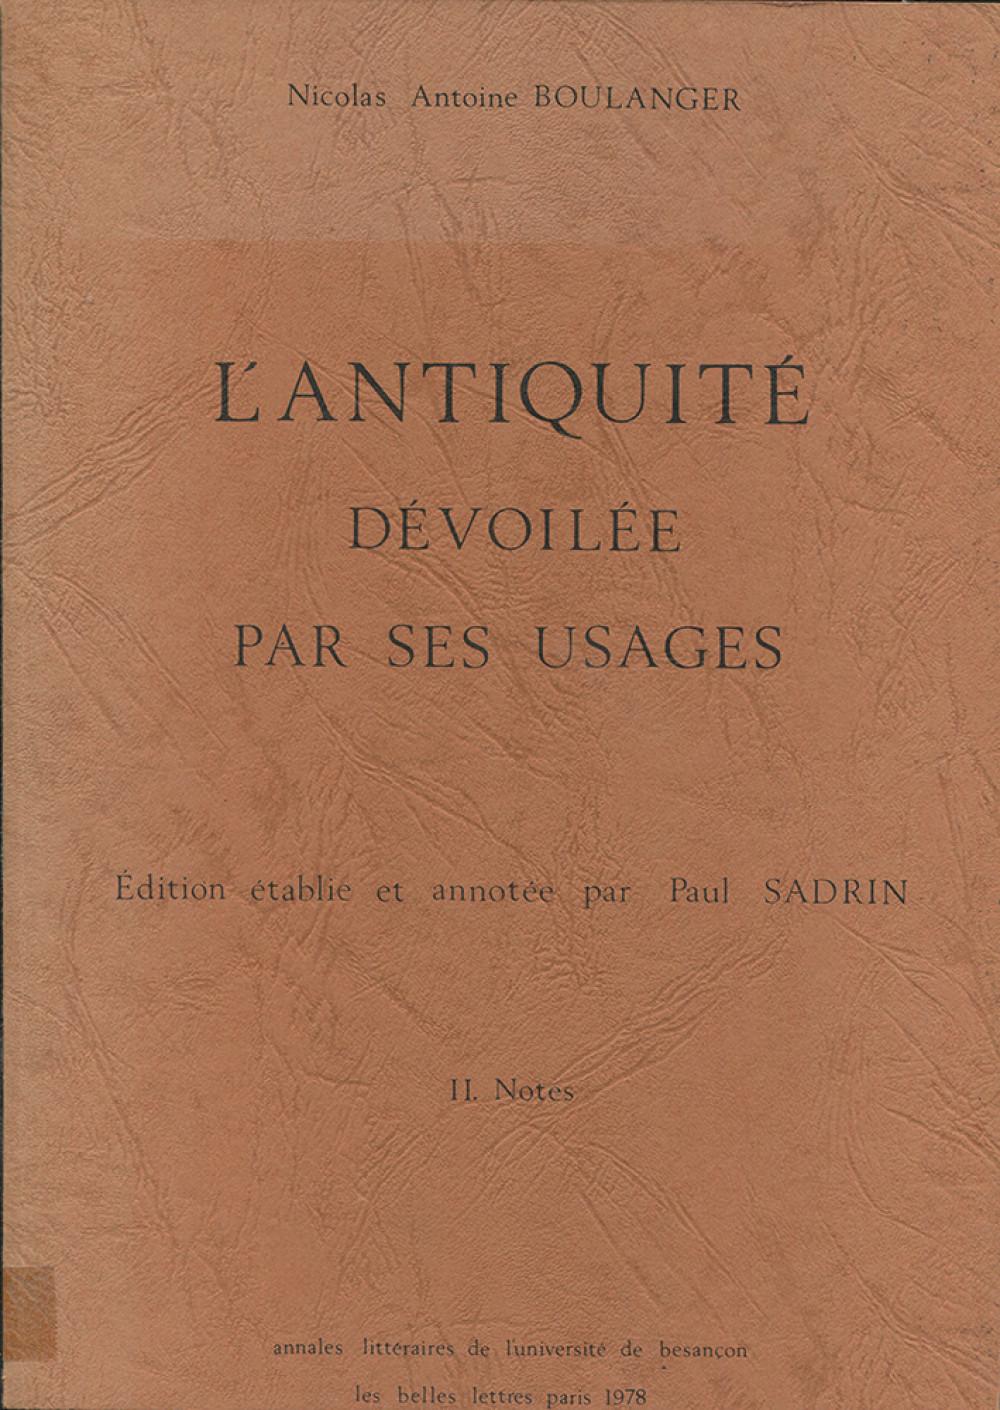 L'Antiquité dévoilée par ses usages (vol. I et II)